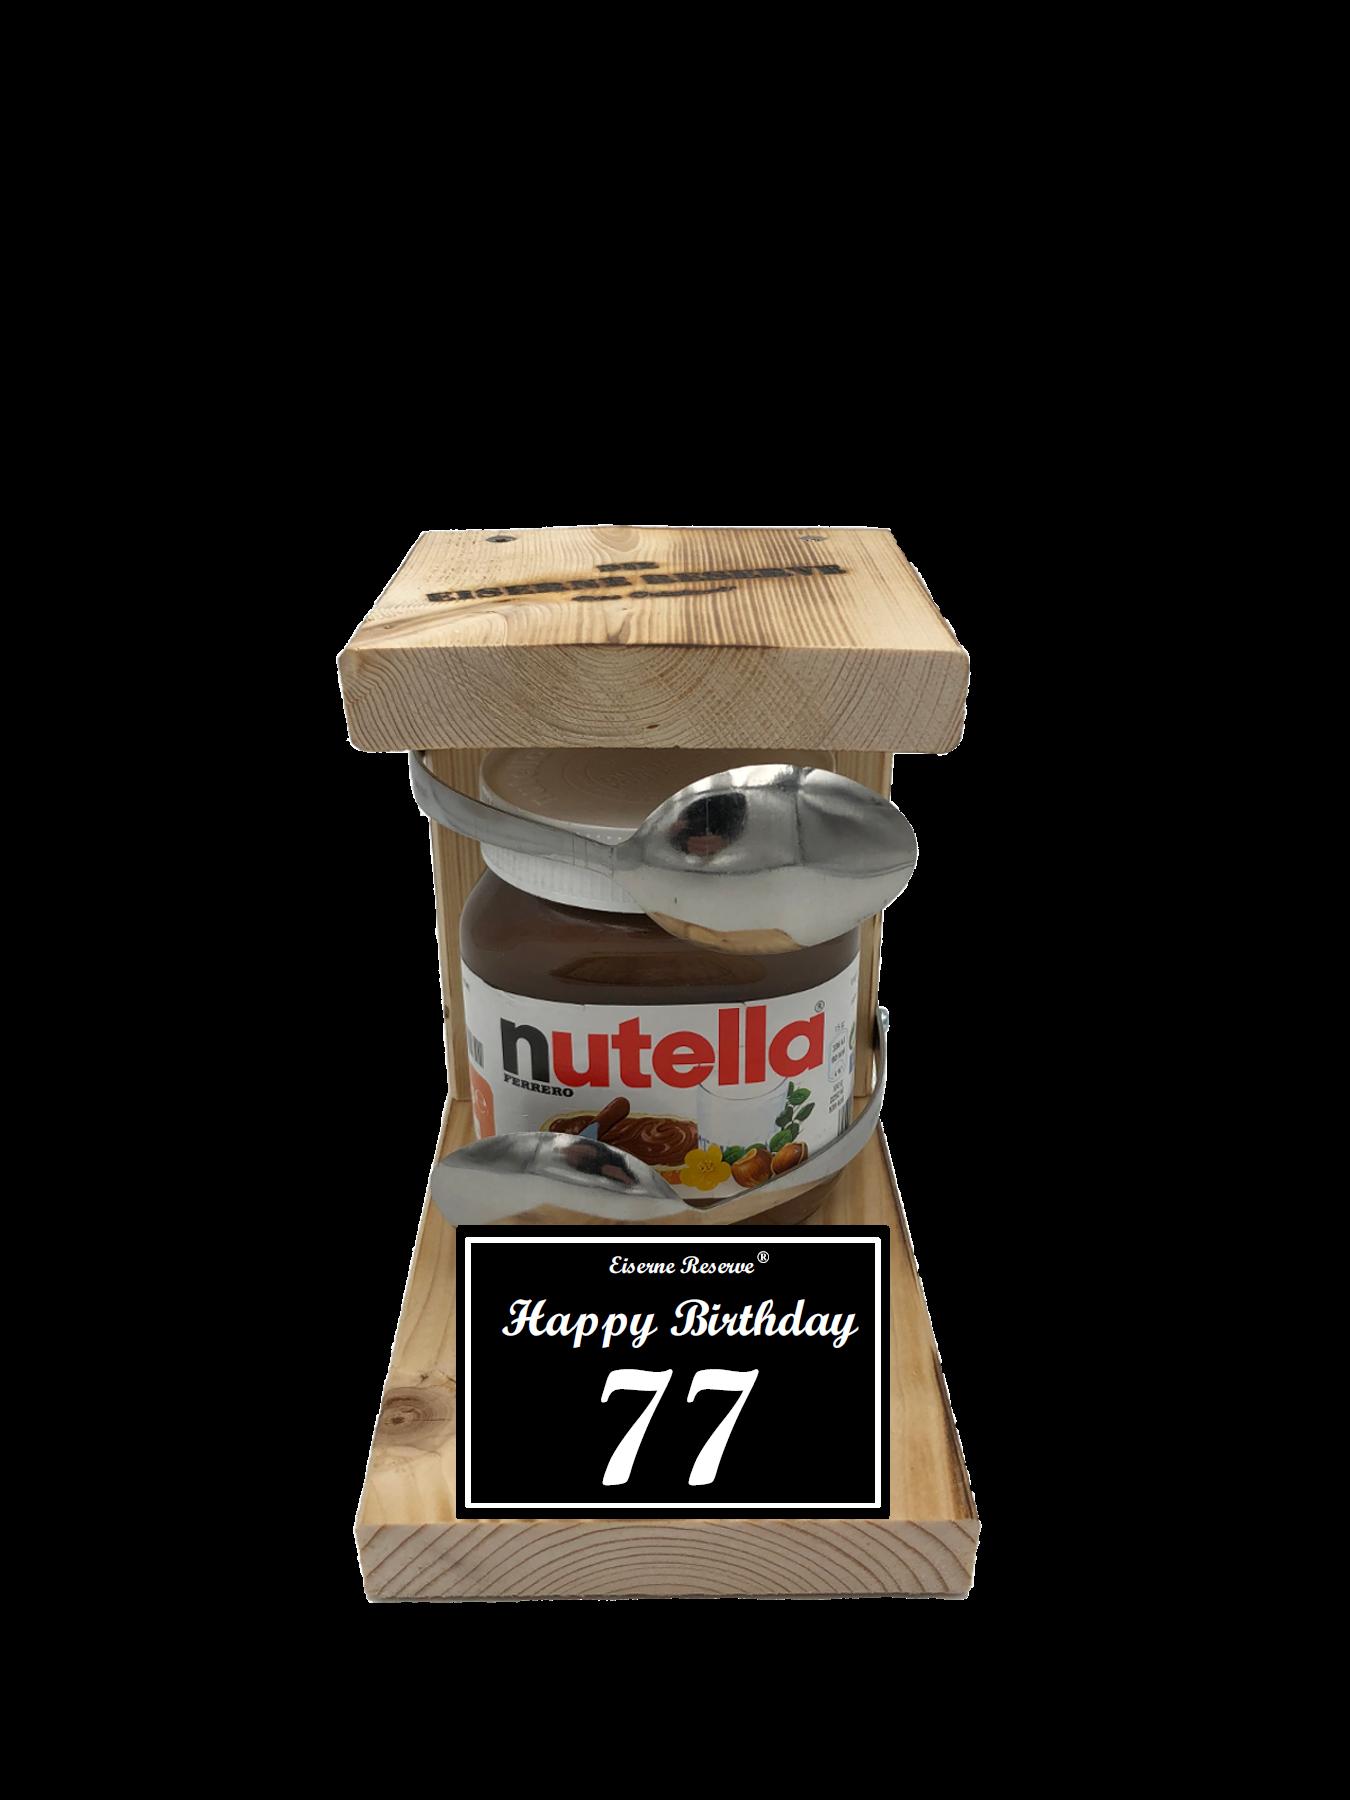 77 Happy Birthday Löffel Nutella Geschenk - Die Nutella Geschenkidee